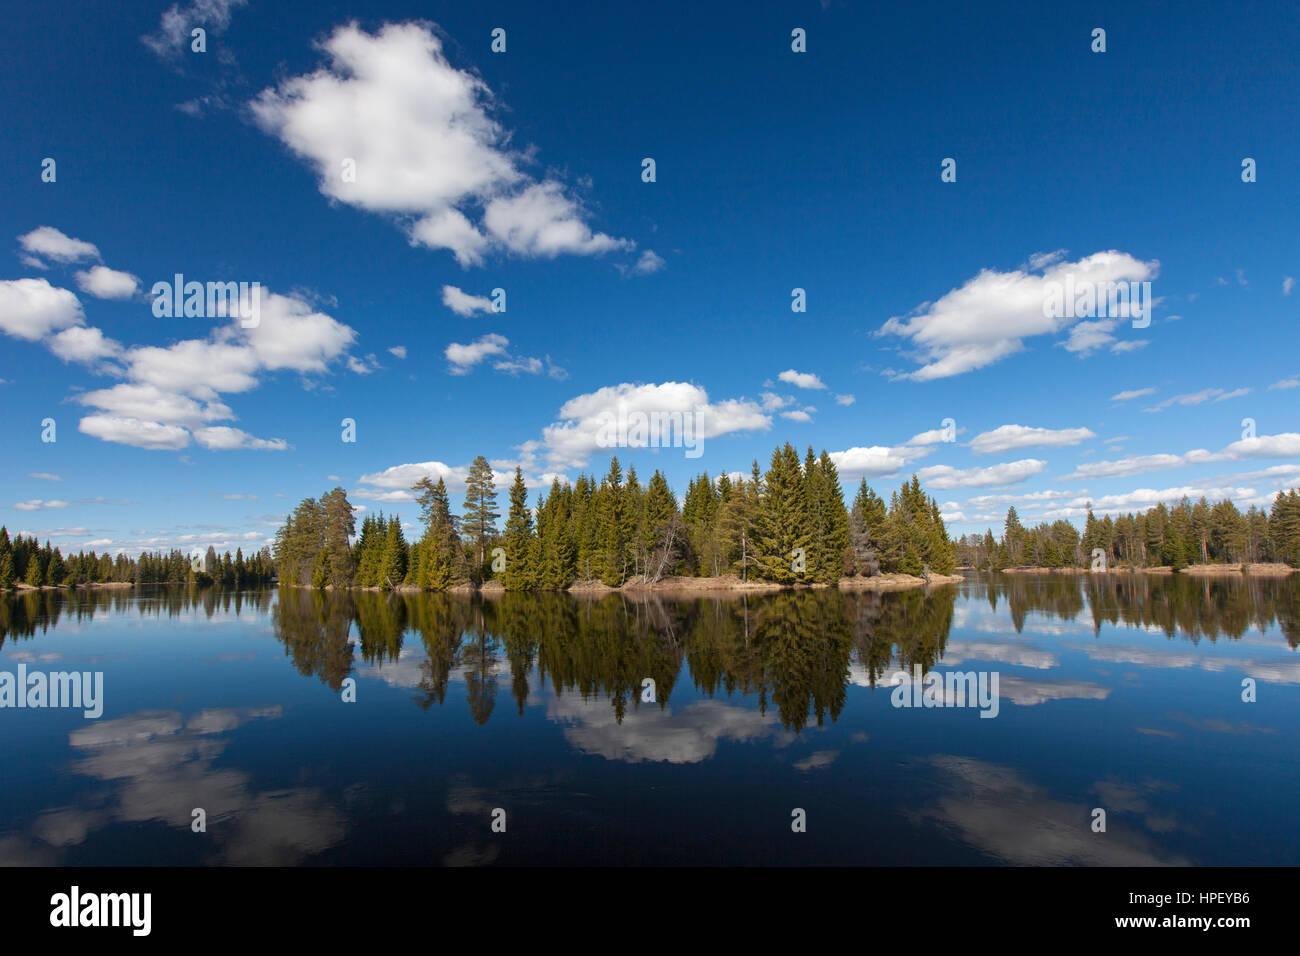 Reflection of spruce trees in water of the Västerdal River / Västerdalälven / Vaesterdalaelven, Dalarna, Sweden, Stock Photo